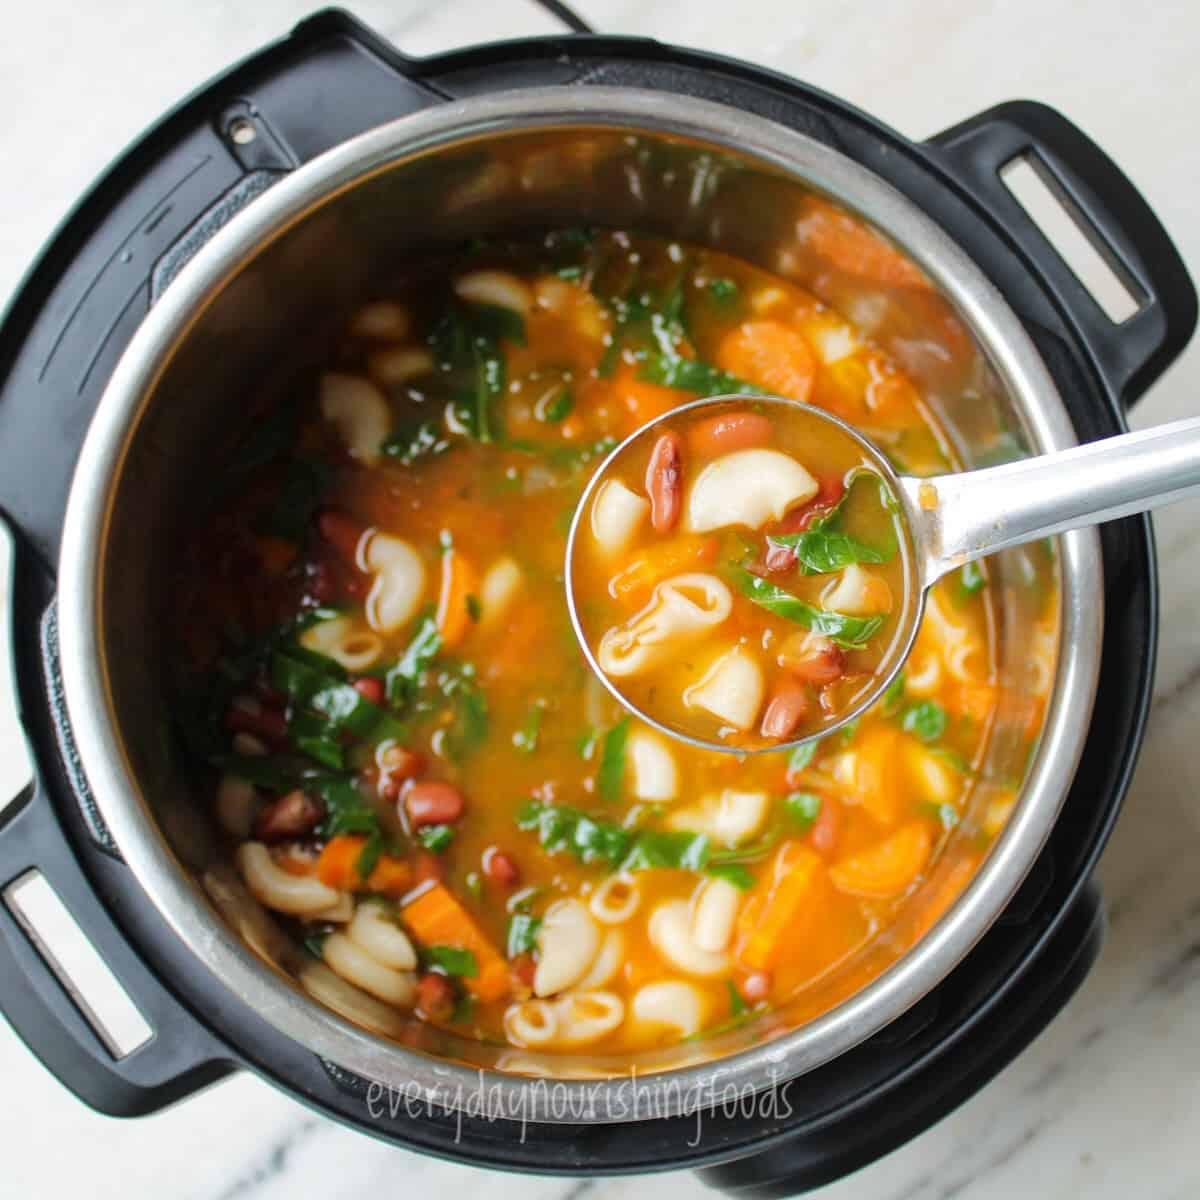 pasta e fagioli in an instant pot